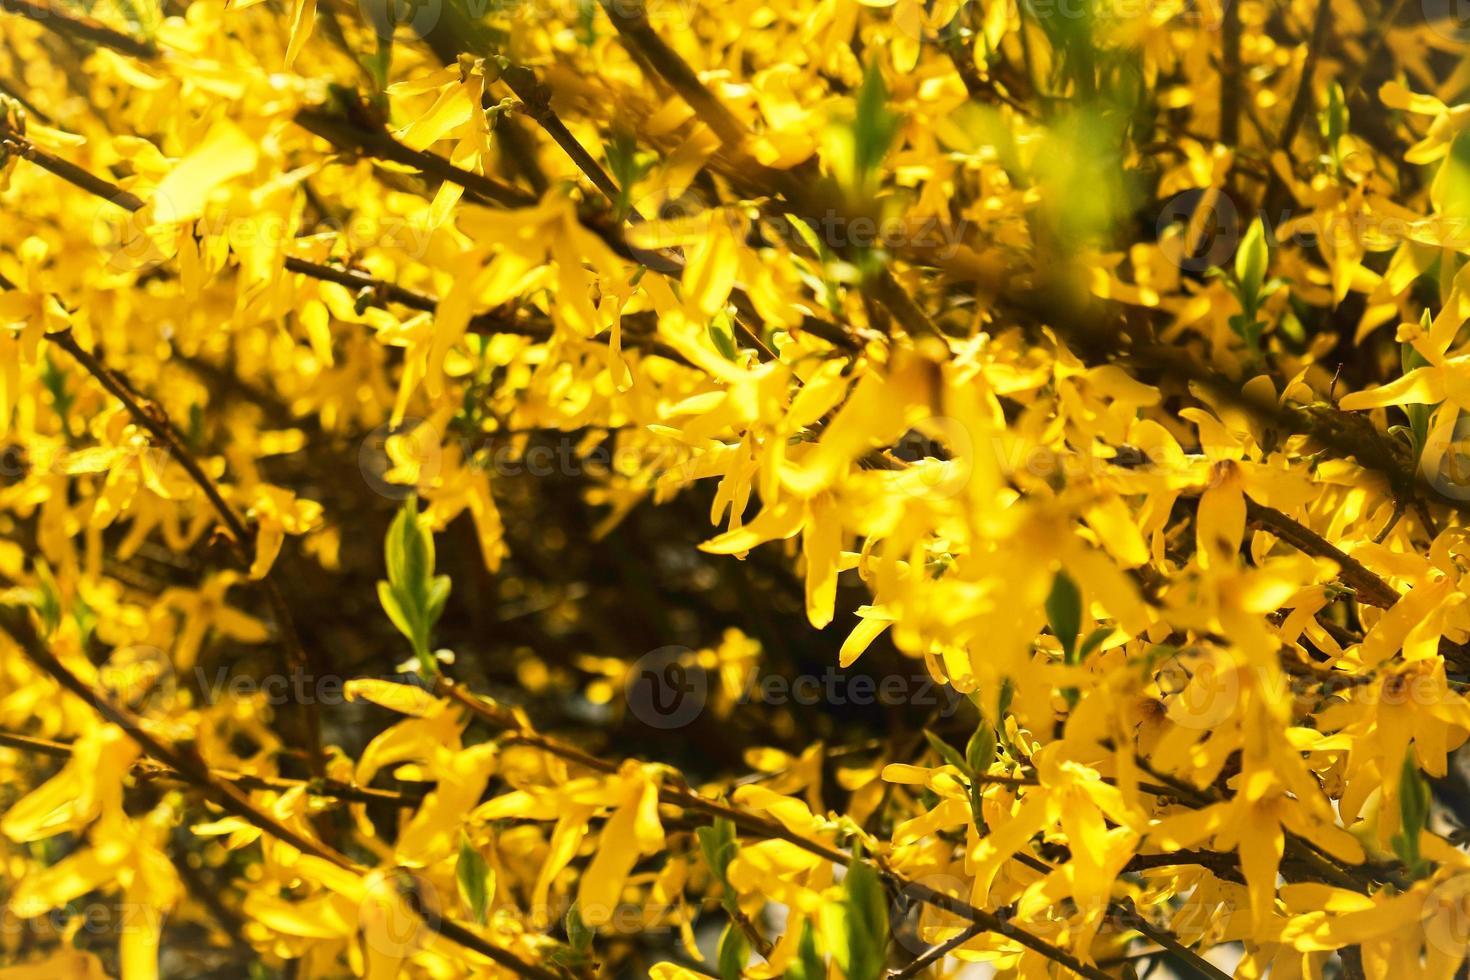 gele forsythia-haag in bloei met enorme bloemendichtheid foto